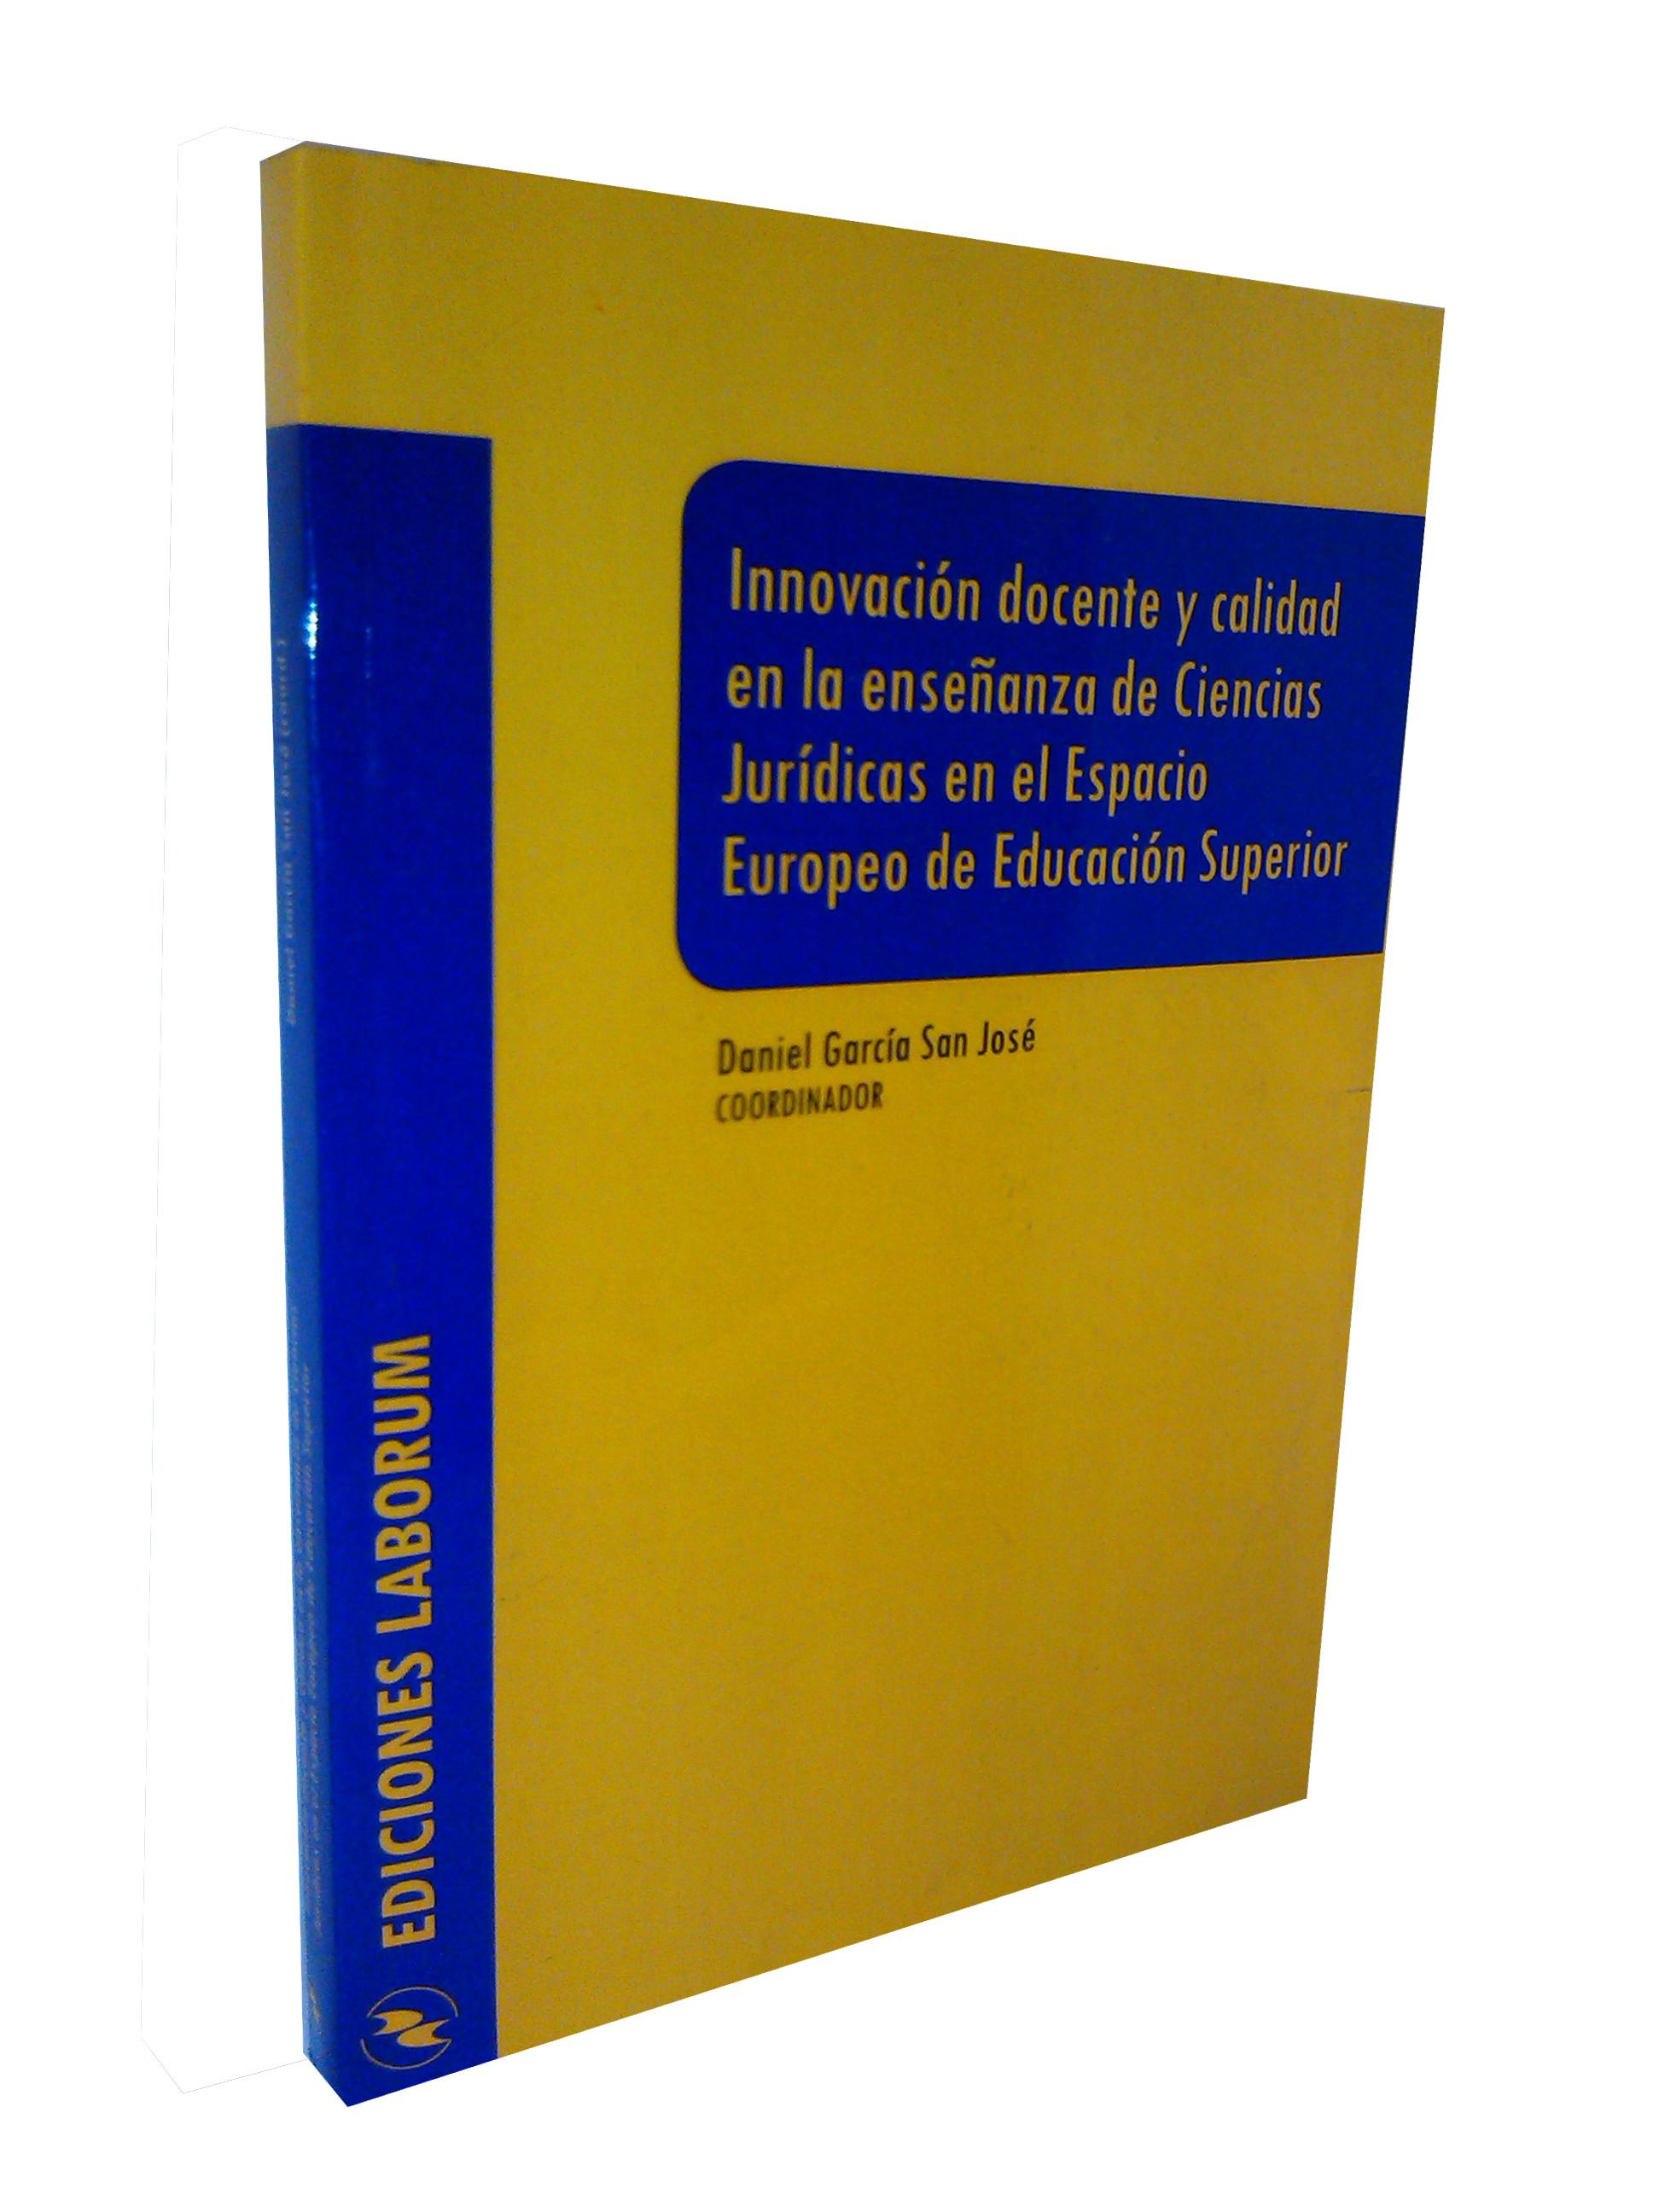 Innovación docente y calidad en la enseñanza de Ciencias Jurídicas en el Espacio Europeo de Educación Superior